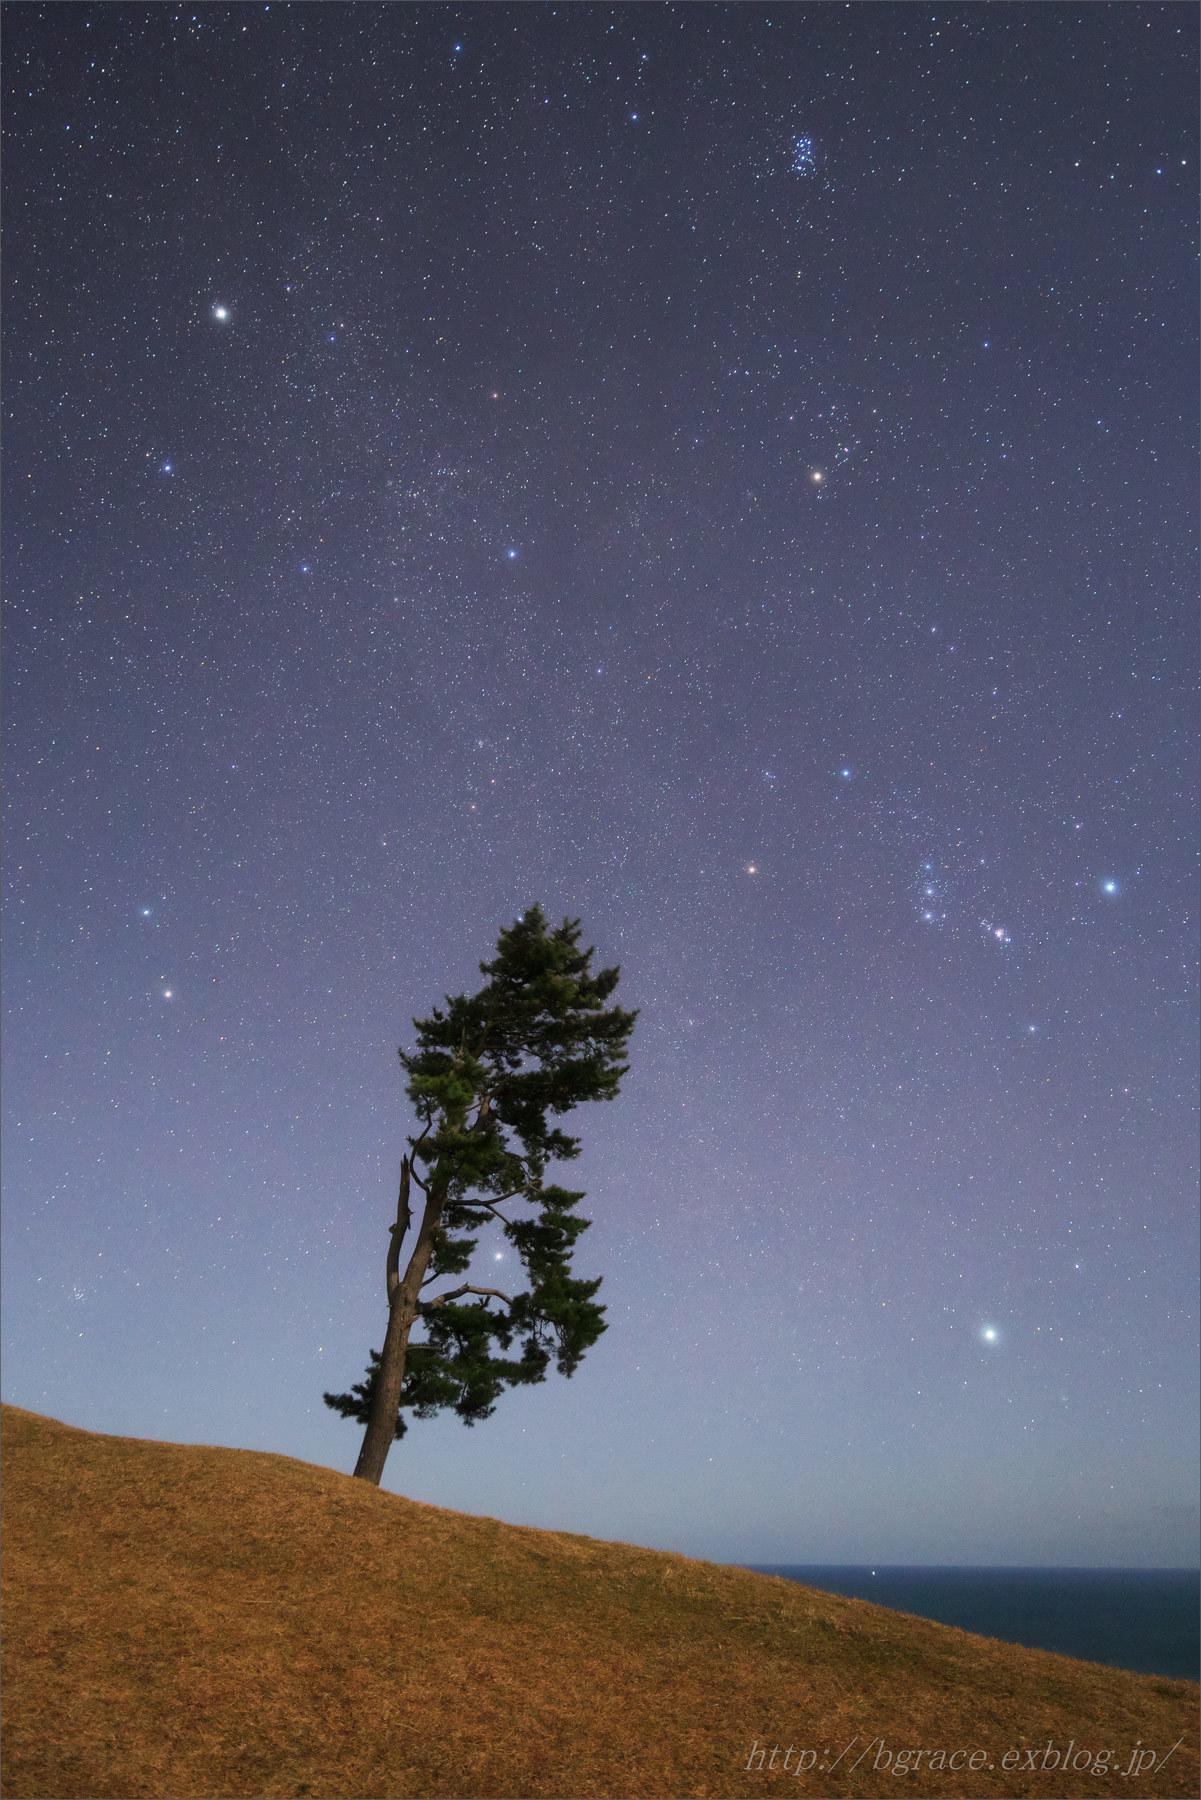 月夜に輝く 冬のダイヤモンド_b0191074_21035491.jpg